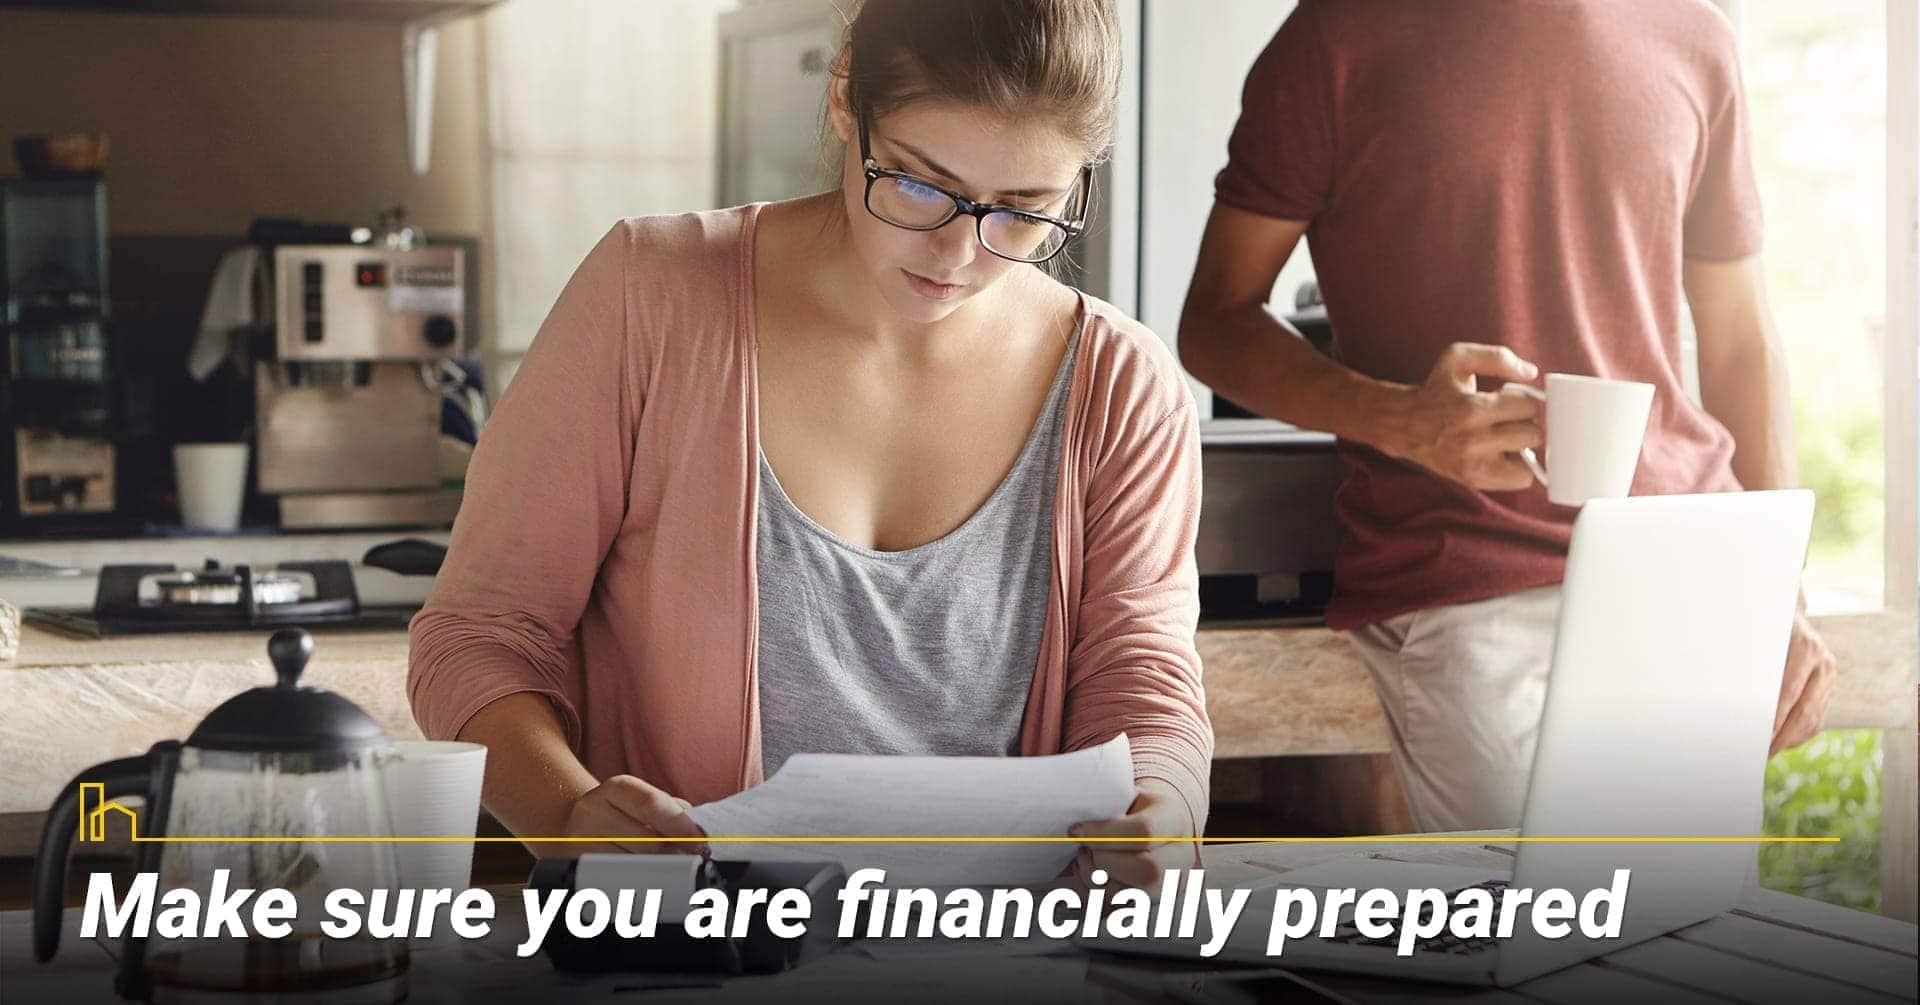 Make sure you are financially prepared